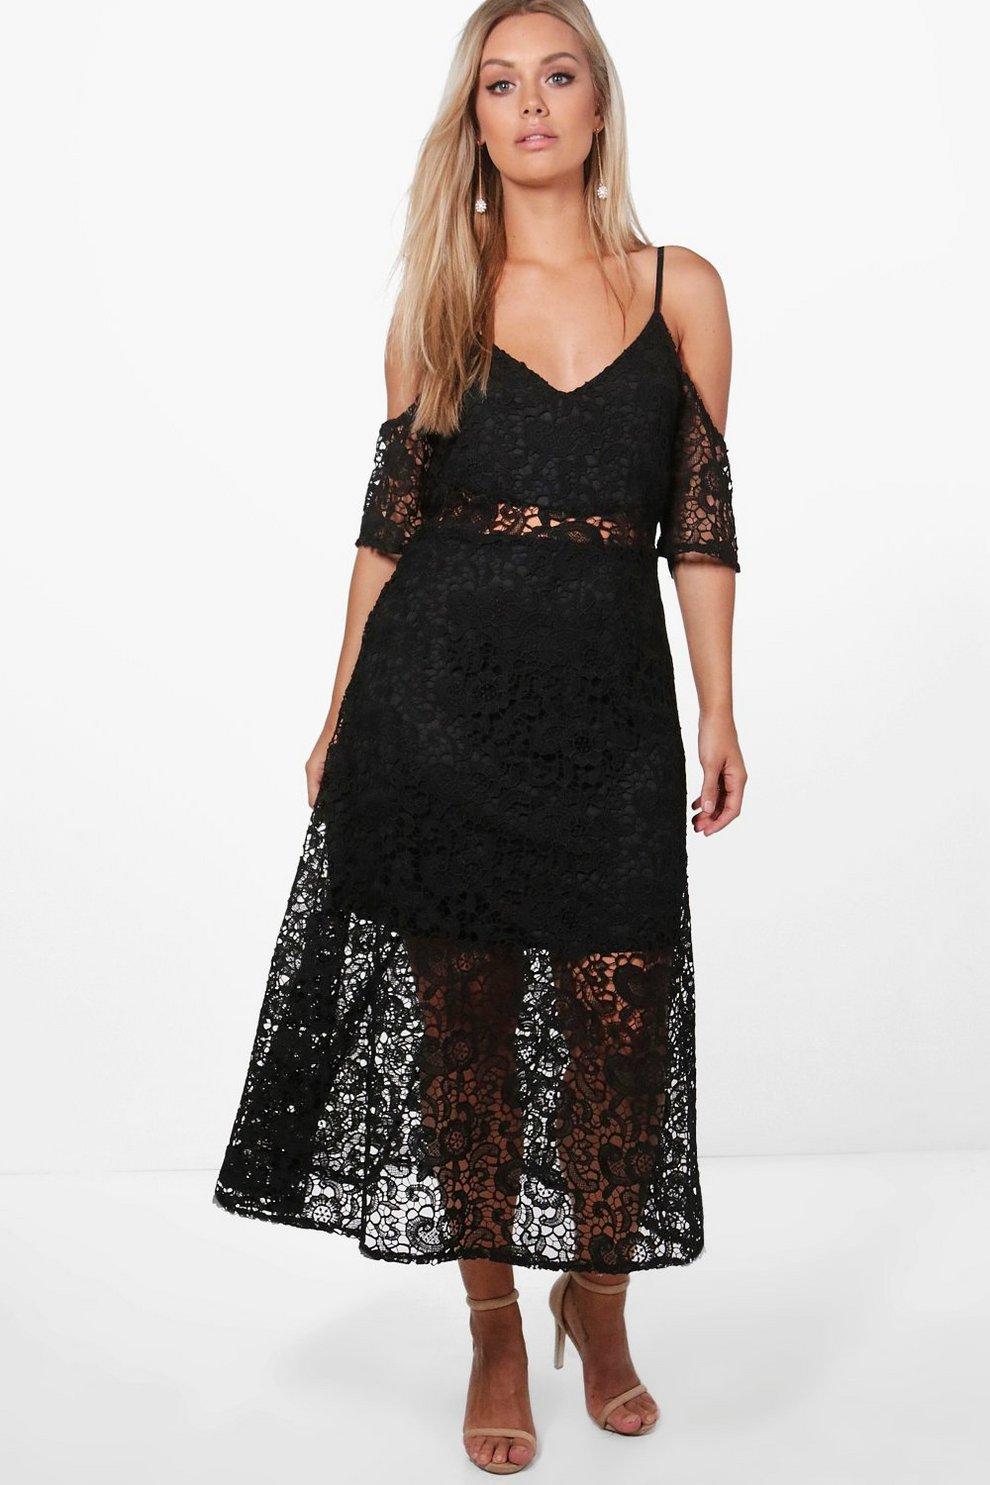 719e788d158 Plus Crochet Lace Premium Skater Dress